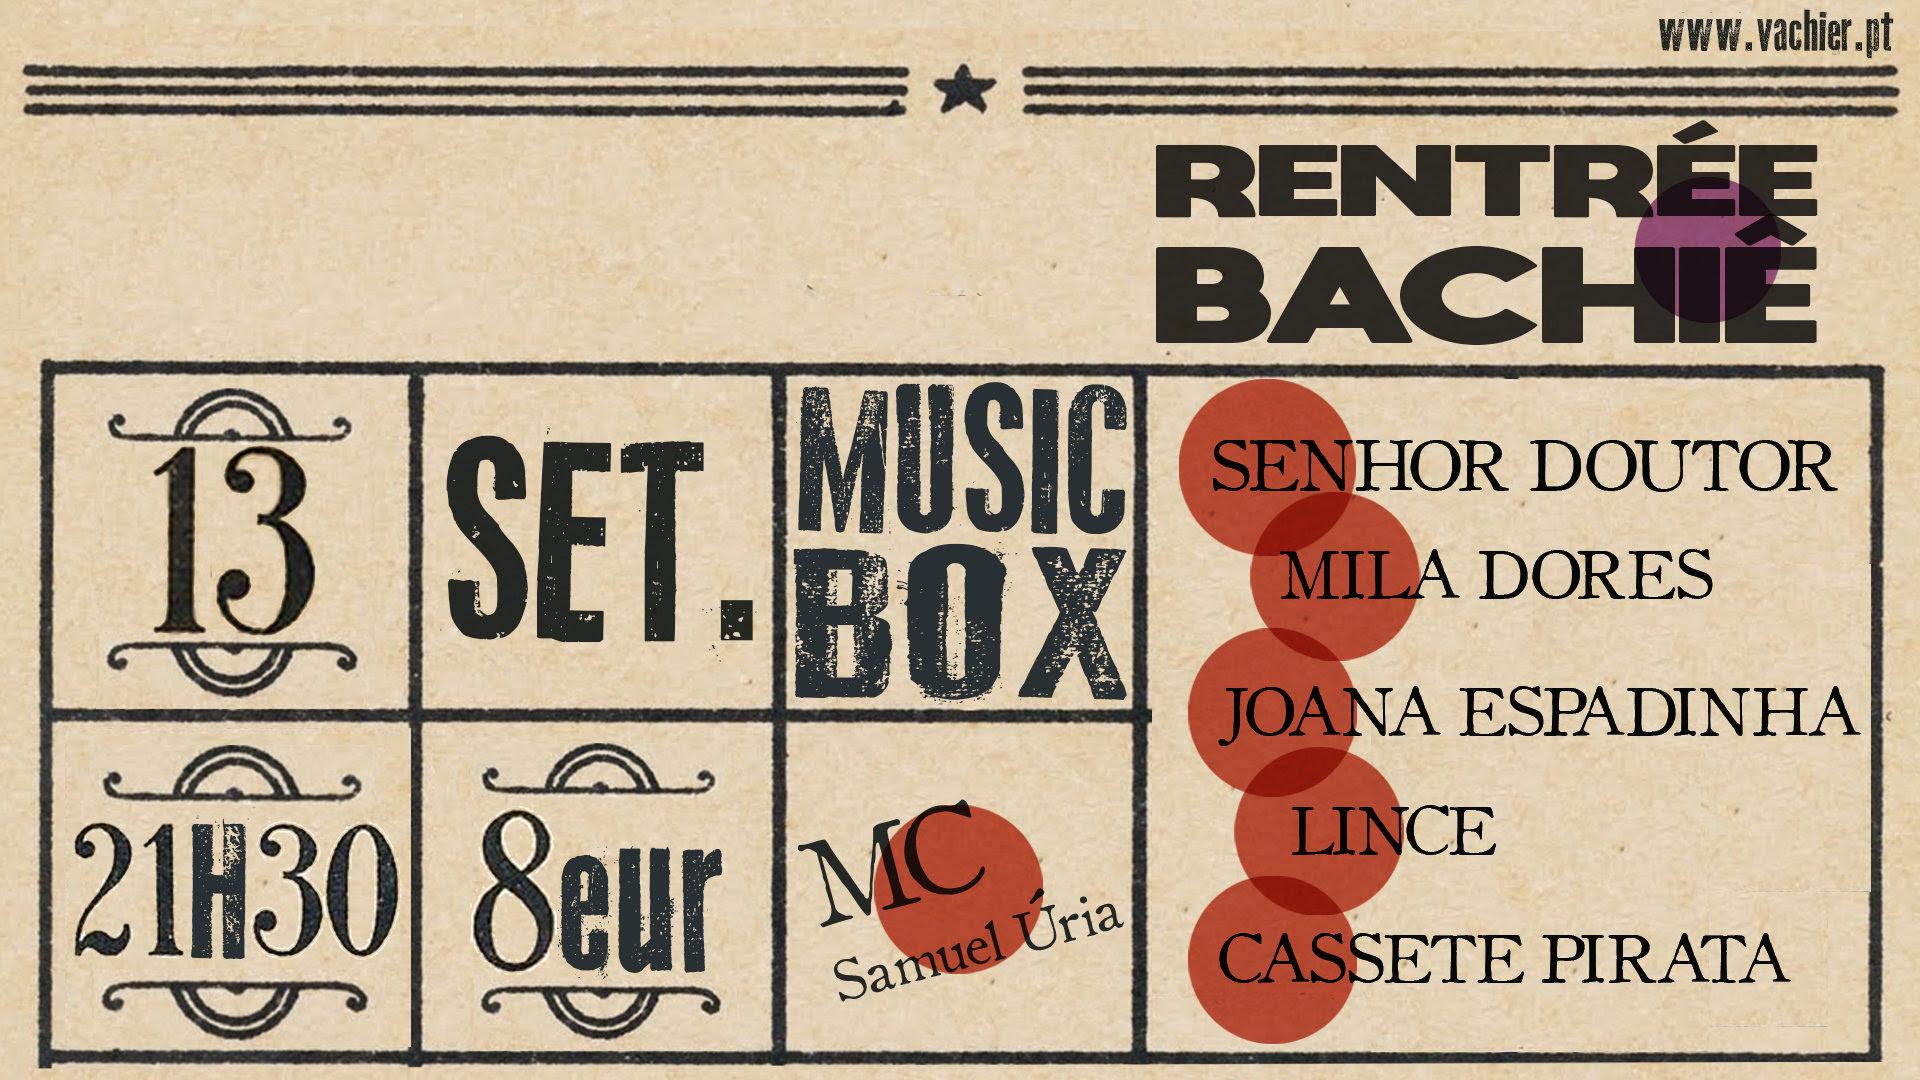 Cartaz Rentrée Bachiê no Musicbox Lisboa